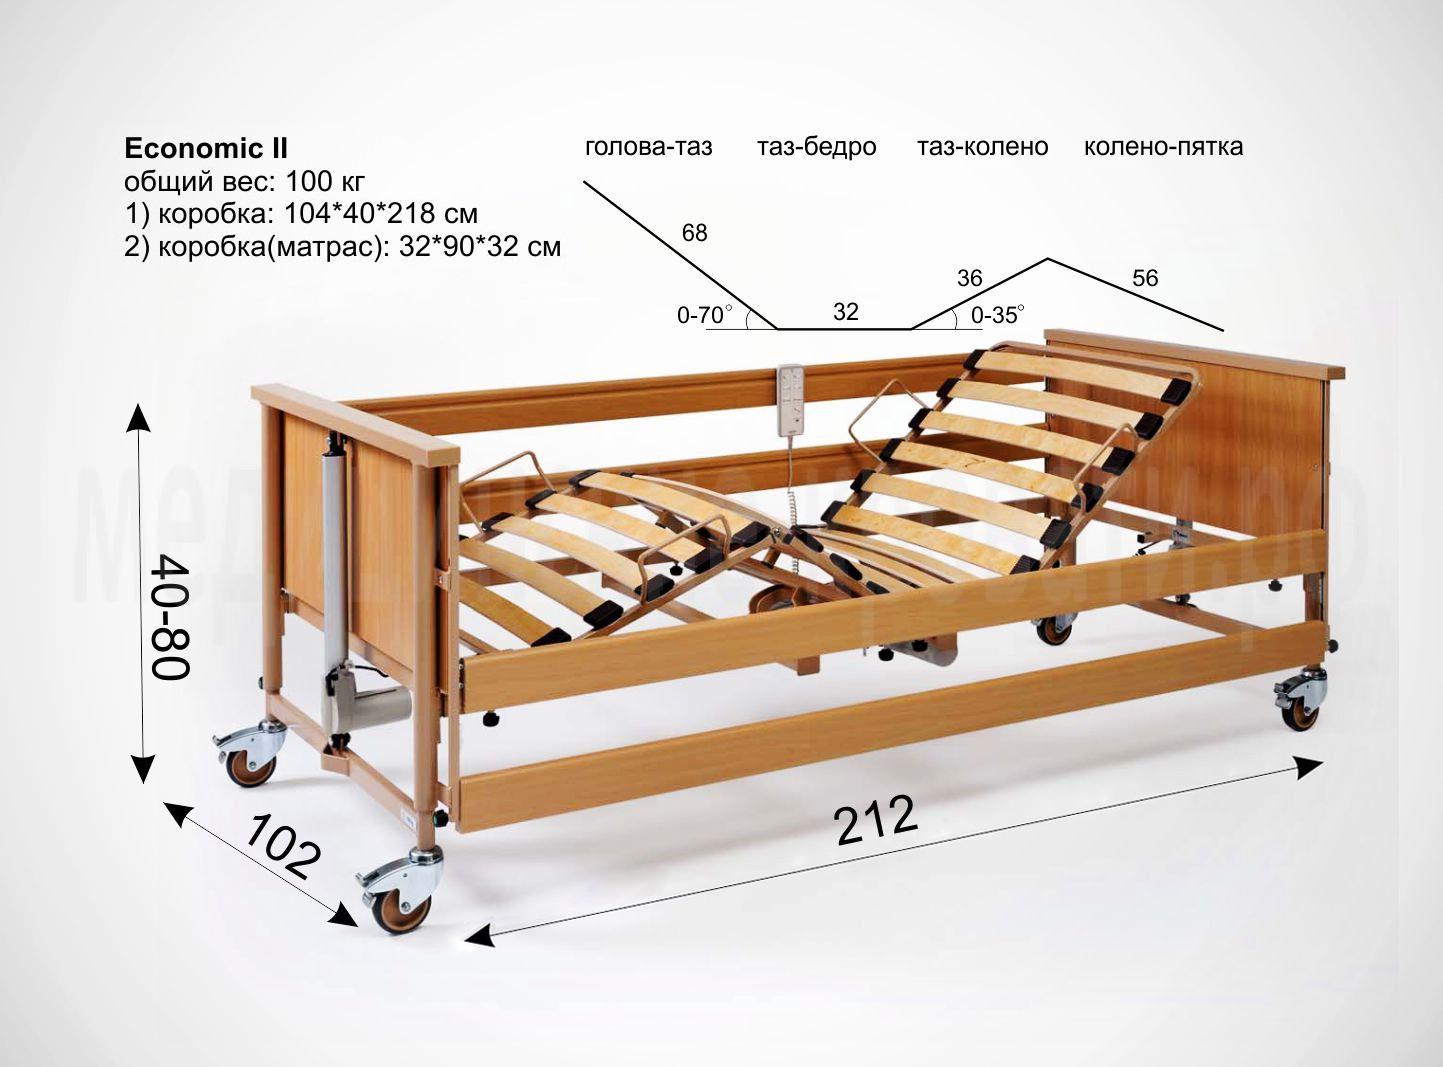 Размеры медицинской кровати